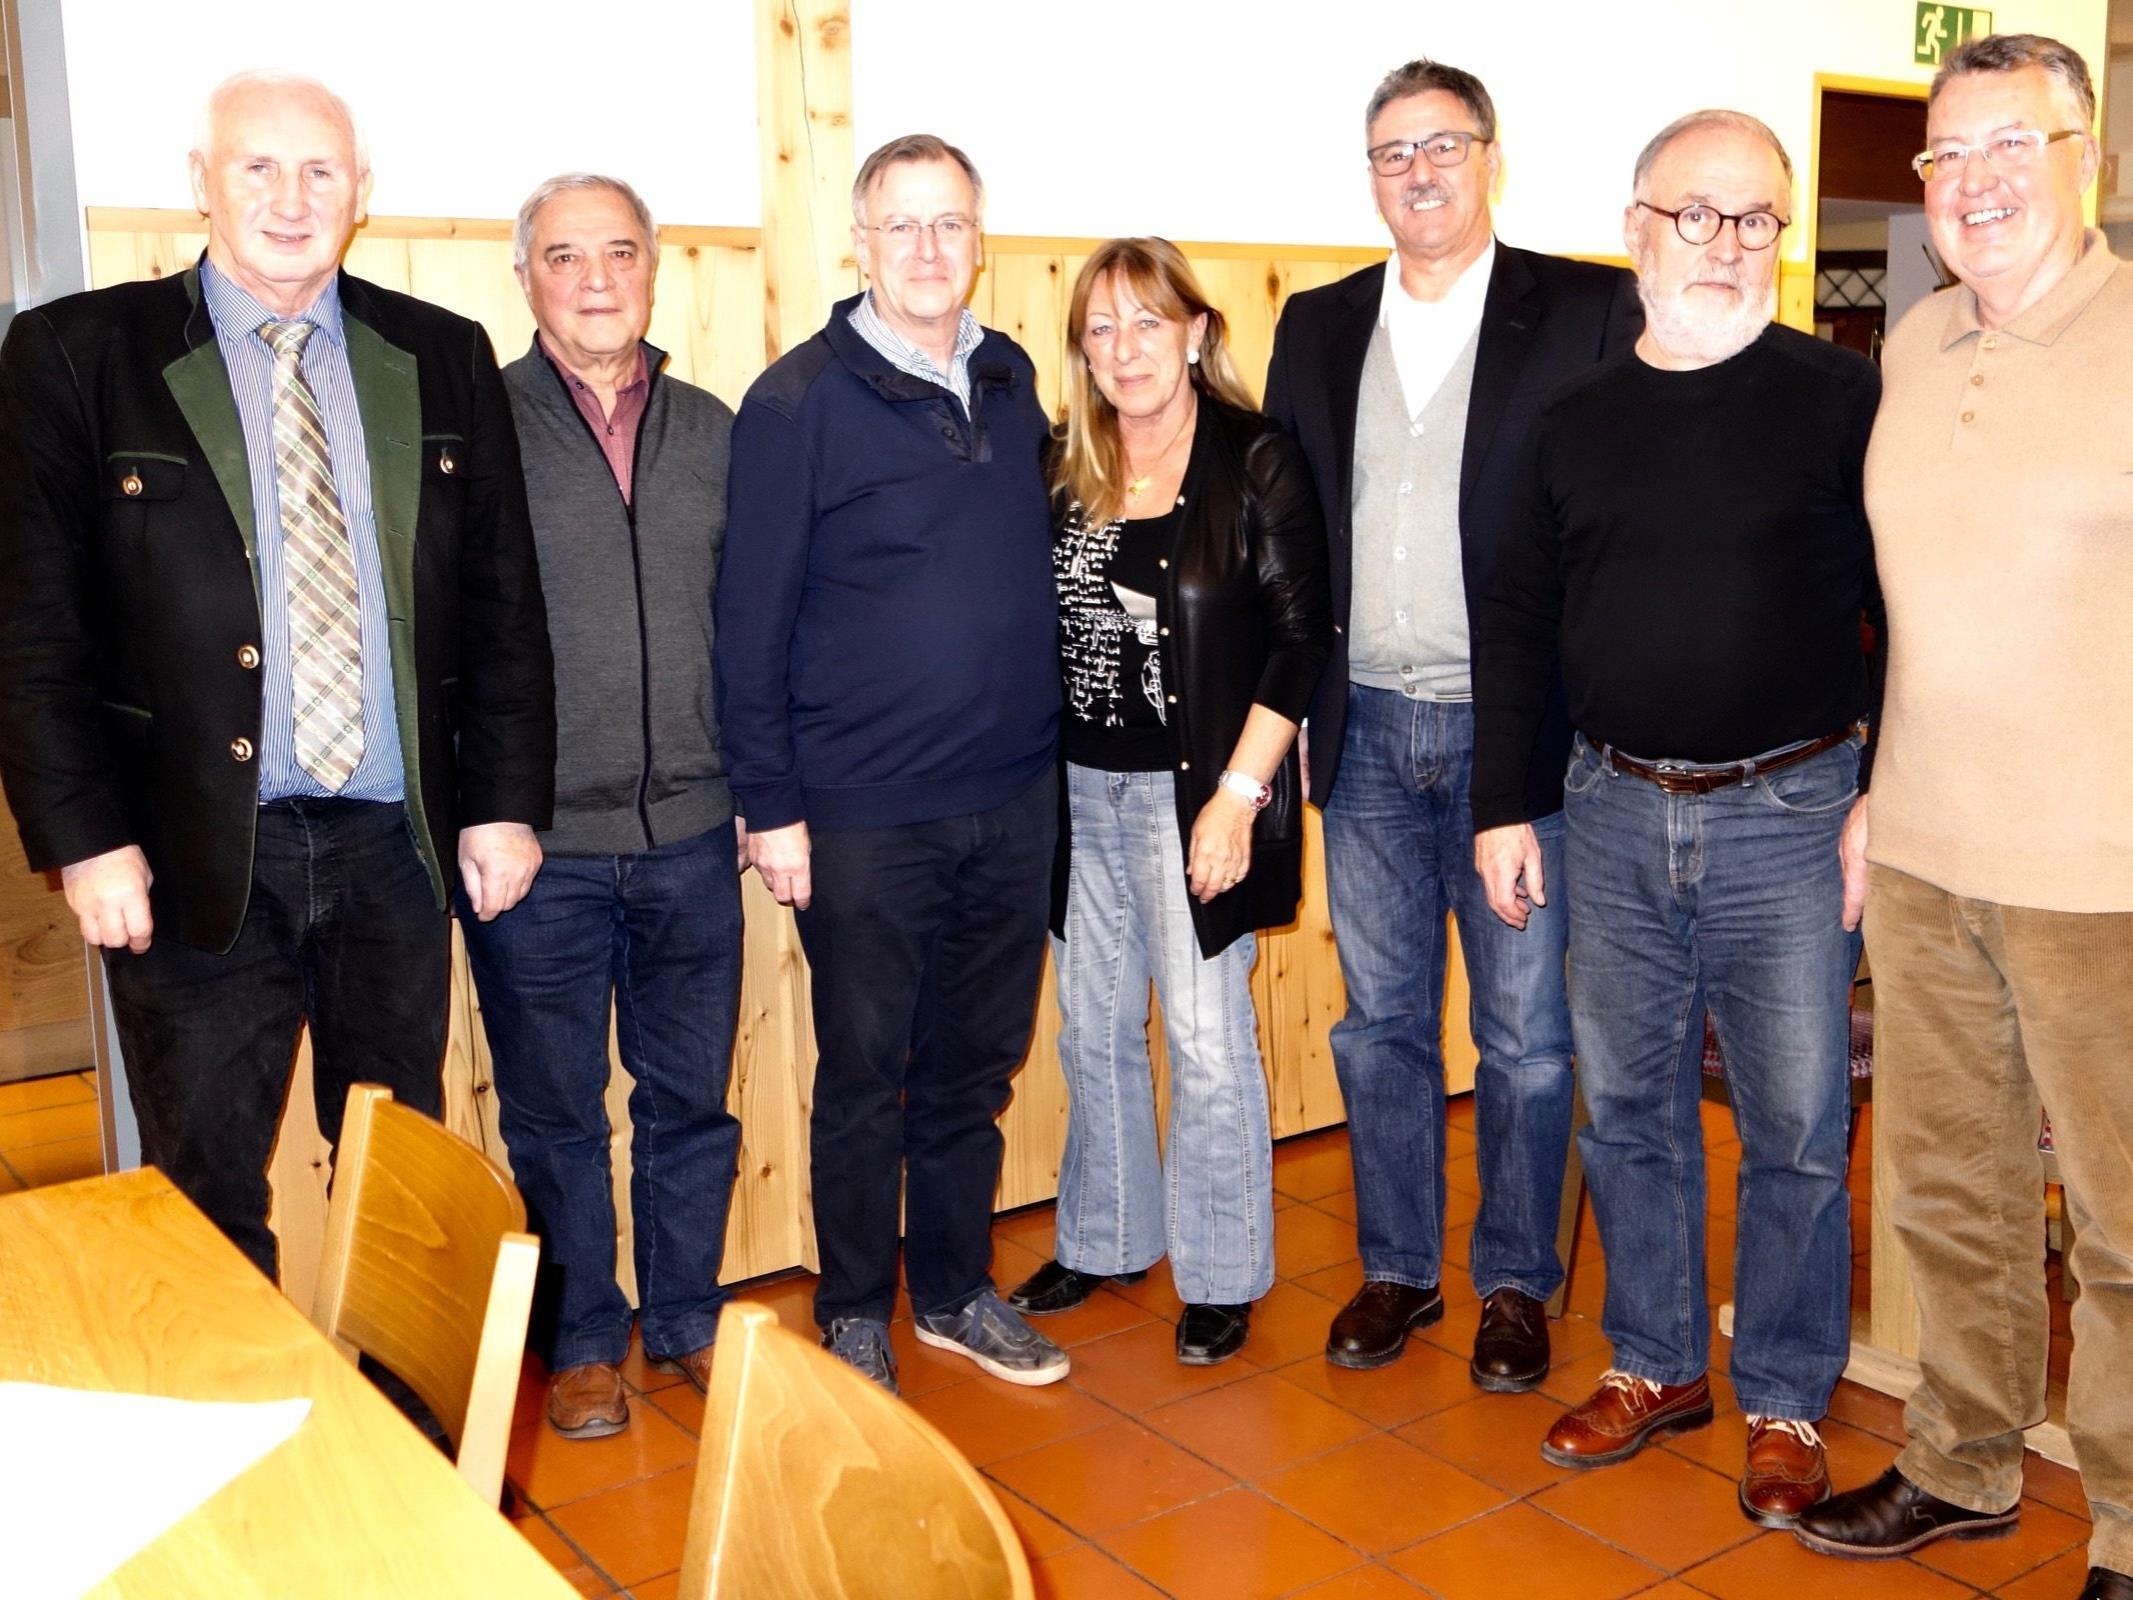 OV Dieter Preschle mit dem Vorstand des FCF, Vizeobmann Helmut Lercher, Obmann Helmut Müller, Brigitte Dobler, STR Wolfgang Matt, Christoph Walch und Helmut Köck.